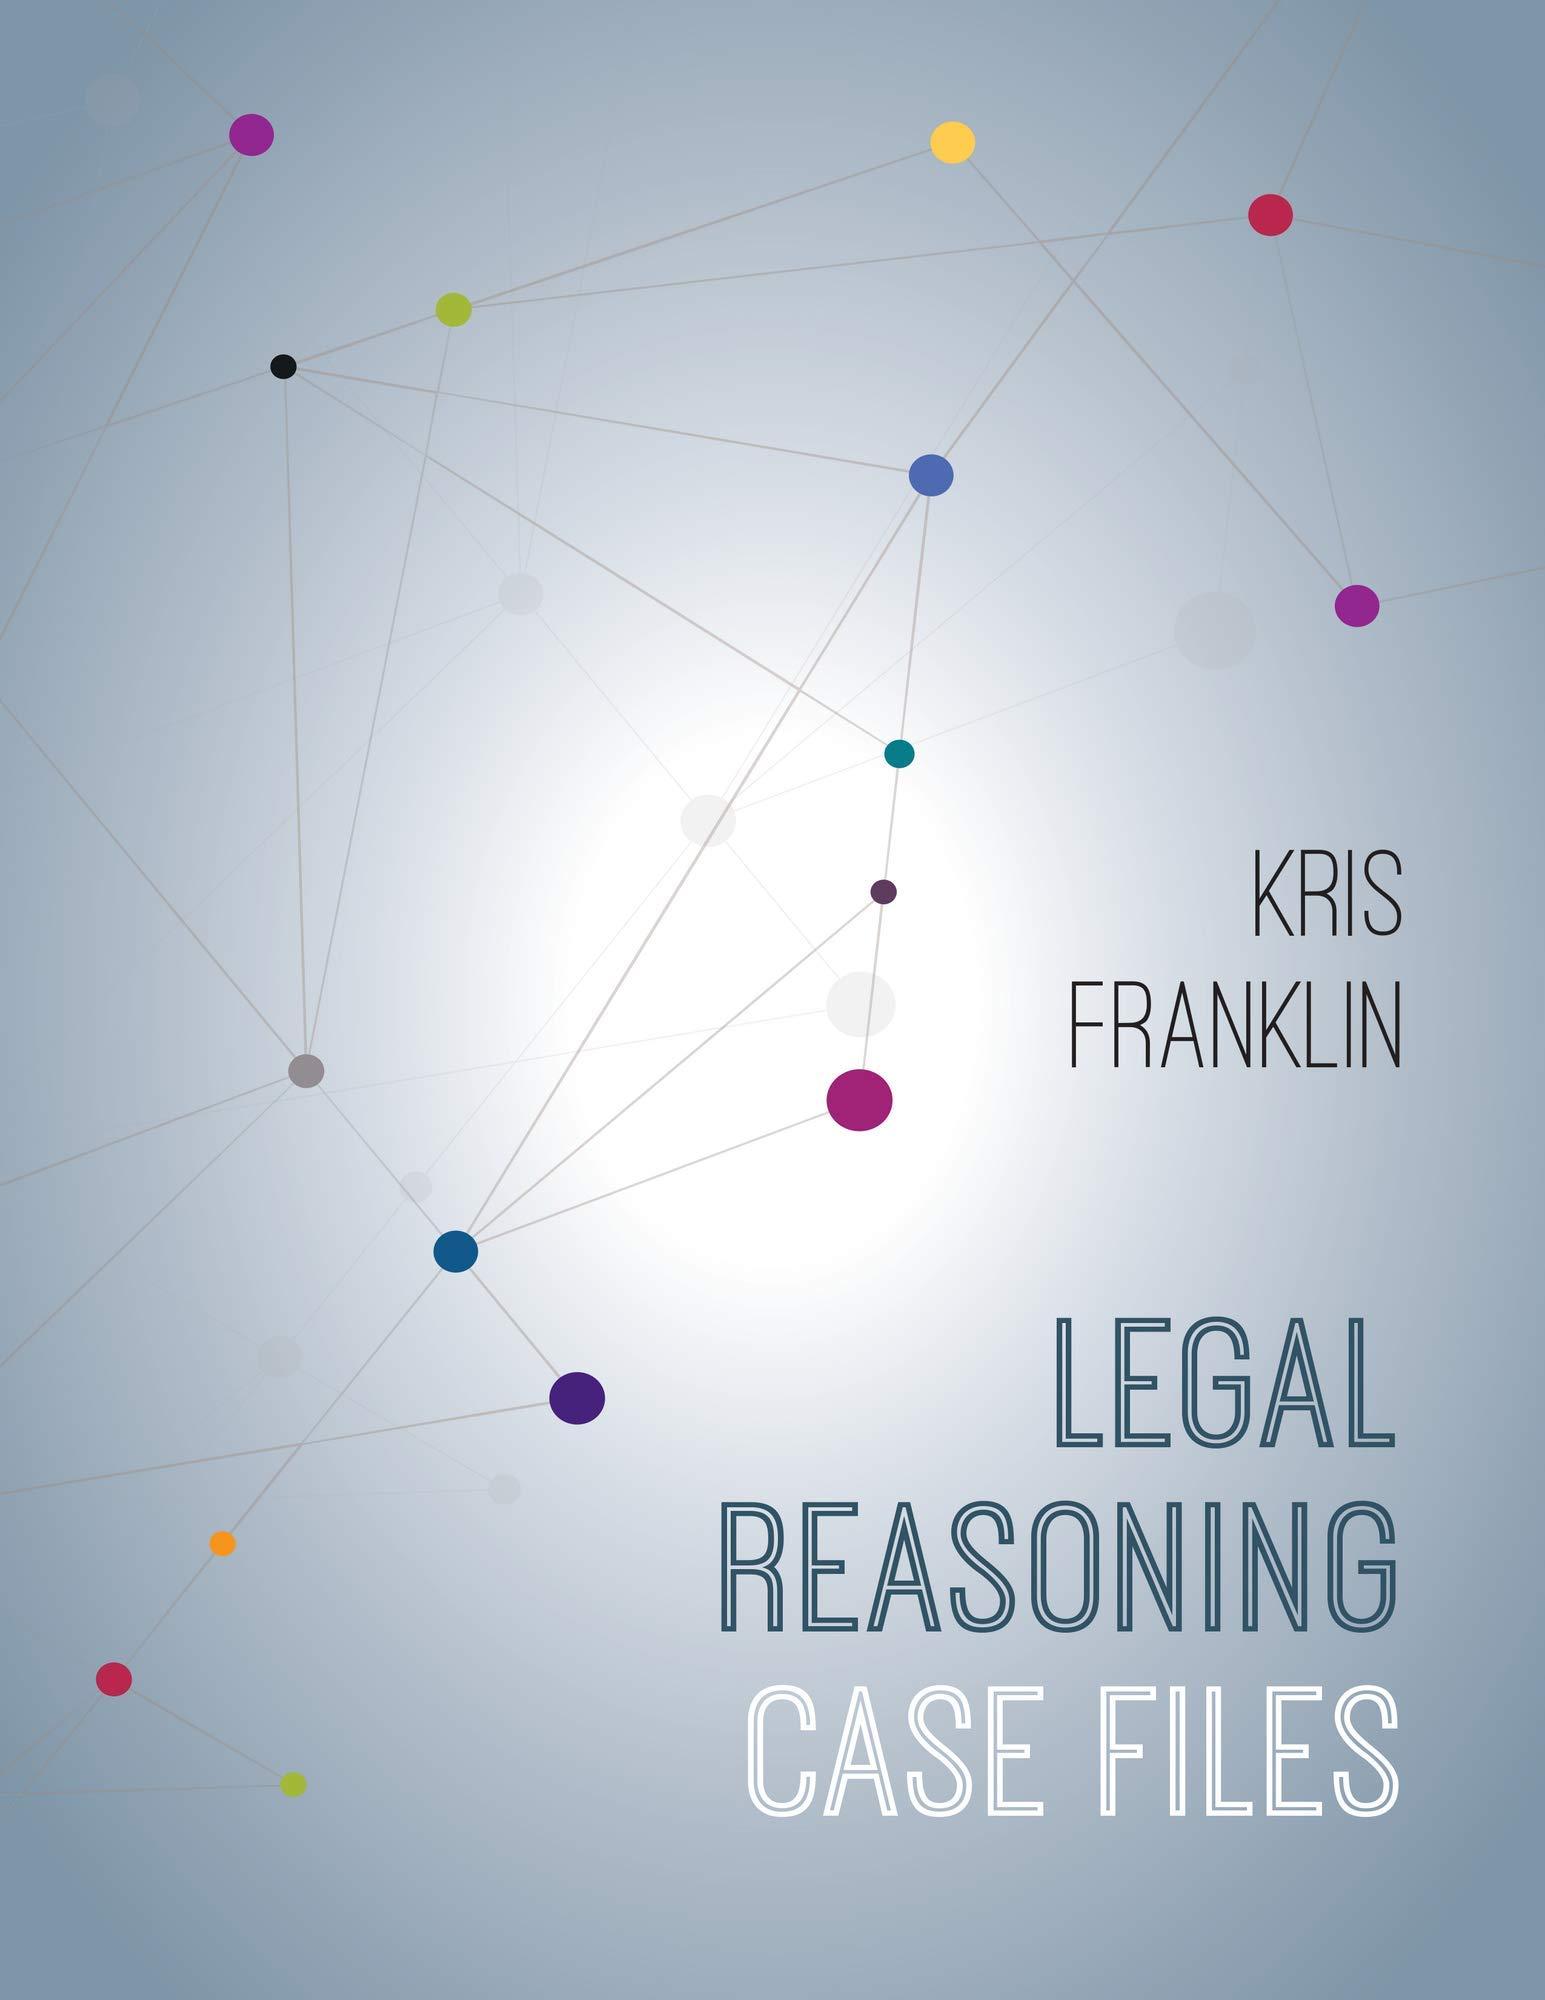 Legal Reasoning Case Files